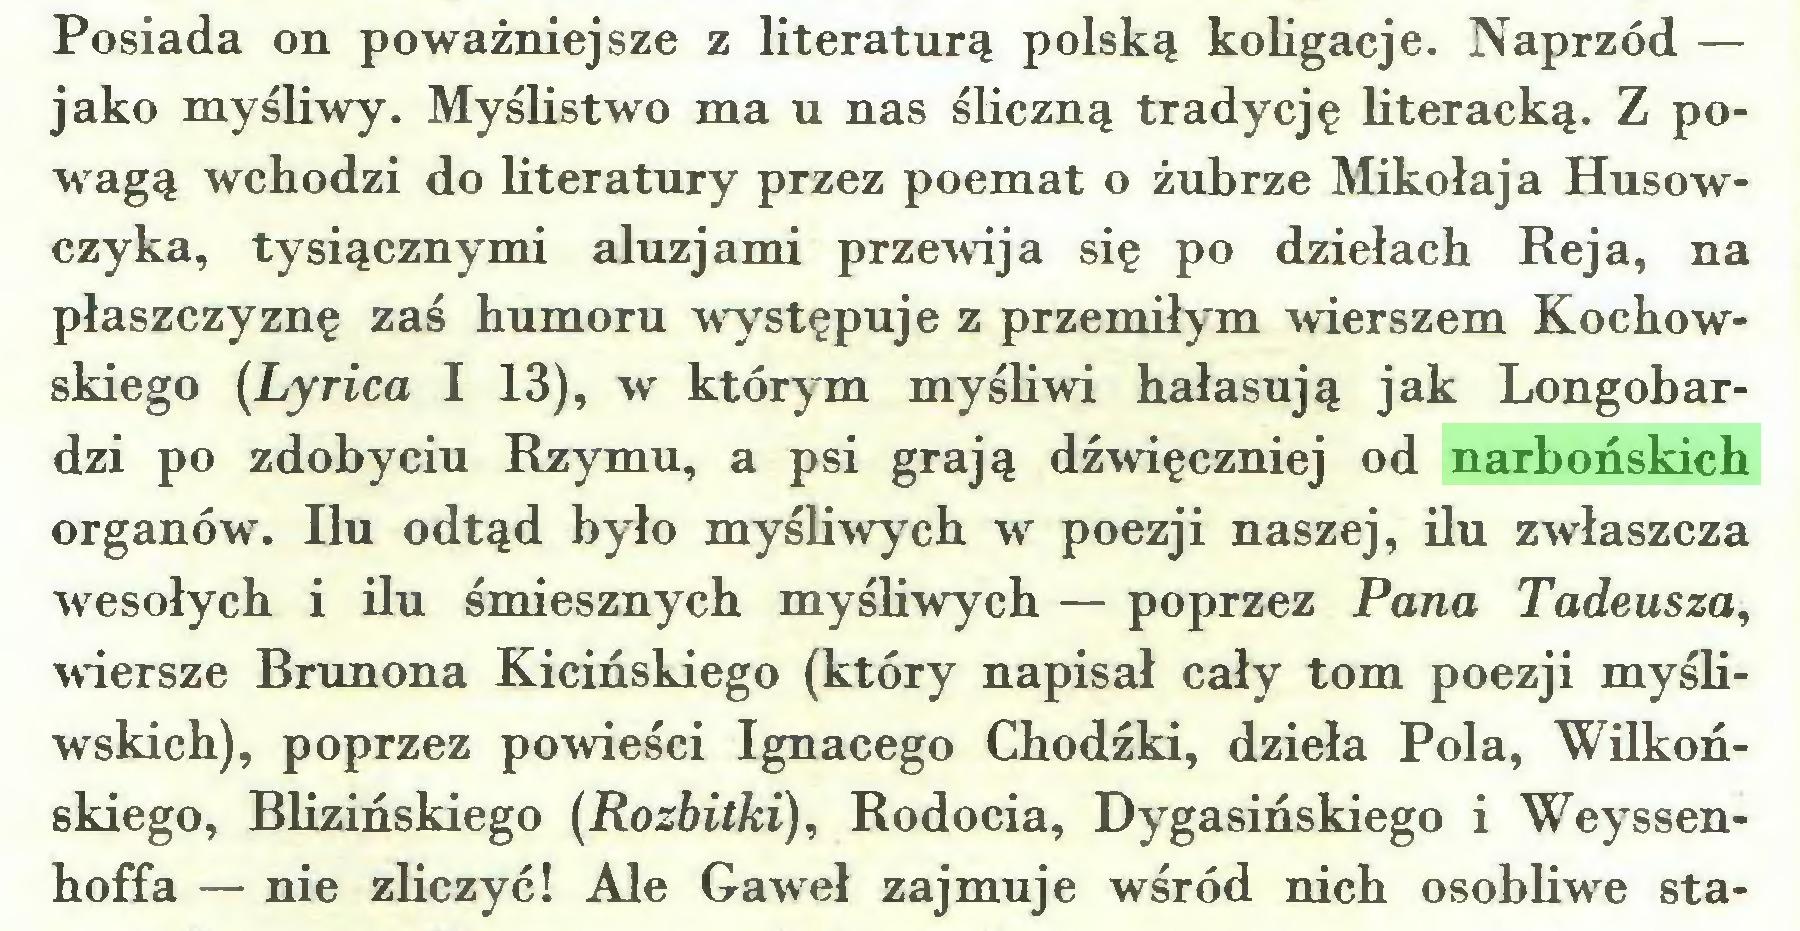 (...) Posiada on poważniejsze z literaturą polską koligacje. Naprzód — jako myśliwy. Myślistwo ma u nas śliczną tradycję literacką. Z powagą wchodzi do literatury przez poemat o żubrze Mikołaja Husów czyka, tysiącznymi aluzjami przewija się po dziełach Reja, na płaszczyznę zaś humoru występuje z przemiłym wierszem Kochowskiego (Lyrica I 13), w którym myśliwi hałasują jak Longobardzi po zdobyciu Rzymu, a psi grają dźwięczniej od narbońskich organów. Ilu odtąd było myśliwych w poezji naszej, ilu zwłaszcza wesołych i ilu śmiesznych myśliwych — poprzez Pana Tadeusza, wiersze Brunona Kicińskiego (który napisał cały tom poezji myśliwskich), poprzez powieści Ignacego Chodźki, dzieła Pola, Wilkońskiego, Blizińskiego (Rozbitki), Rodocia, Dygasińskiego i Weyssenhoffa — nie zliczyć! Ale Gaweł zajmuje wśród nich osobliwe sta...